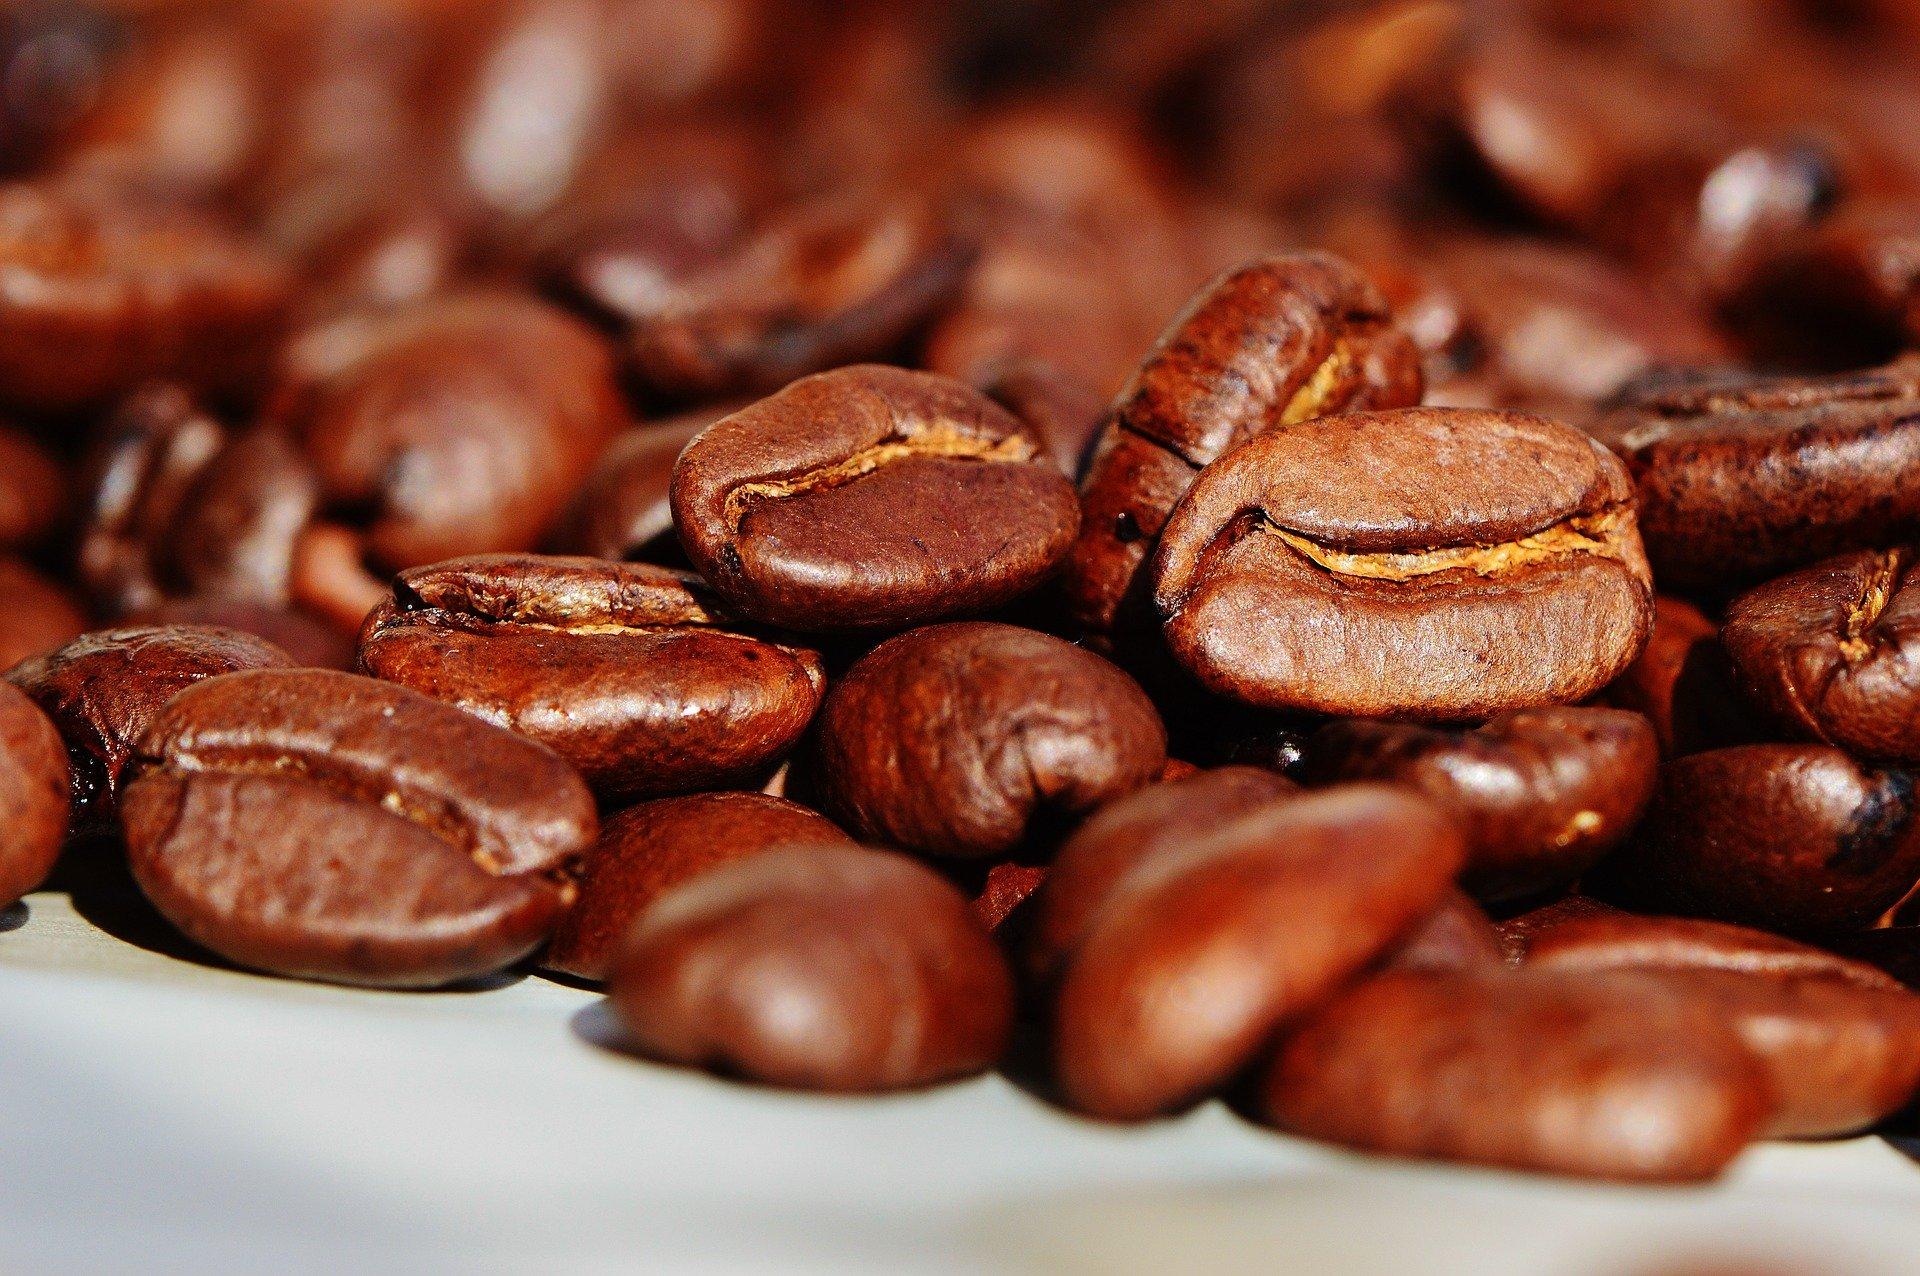 En Côte d'Ivoire, le Conseil du Café-Cacao (CCC) devrait lancer prochainement des réformes dans la filière caca